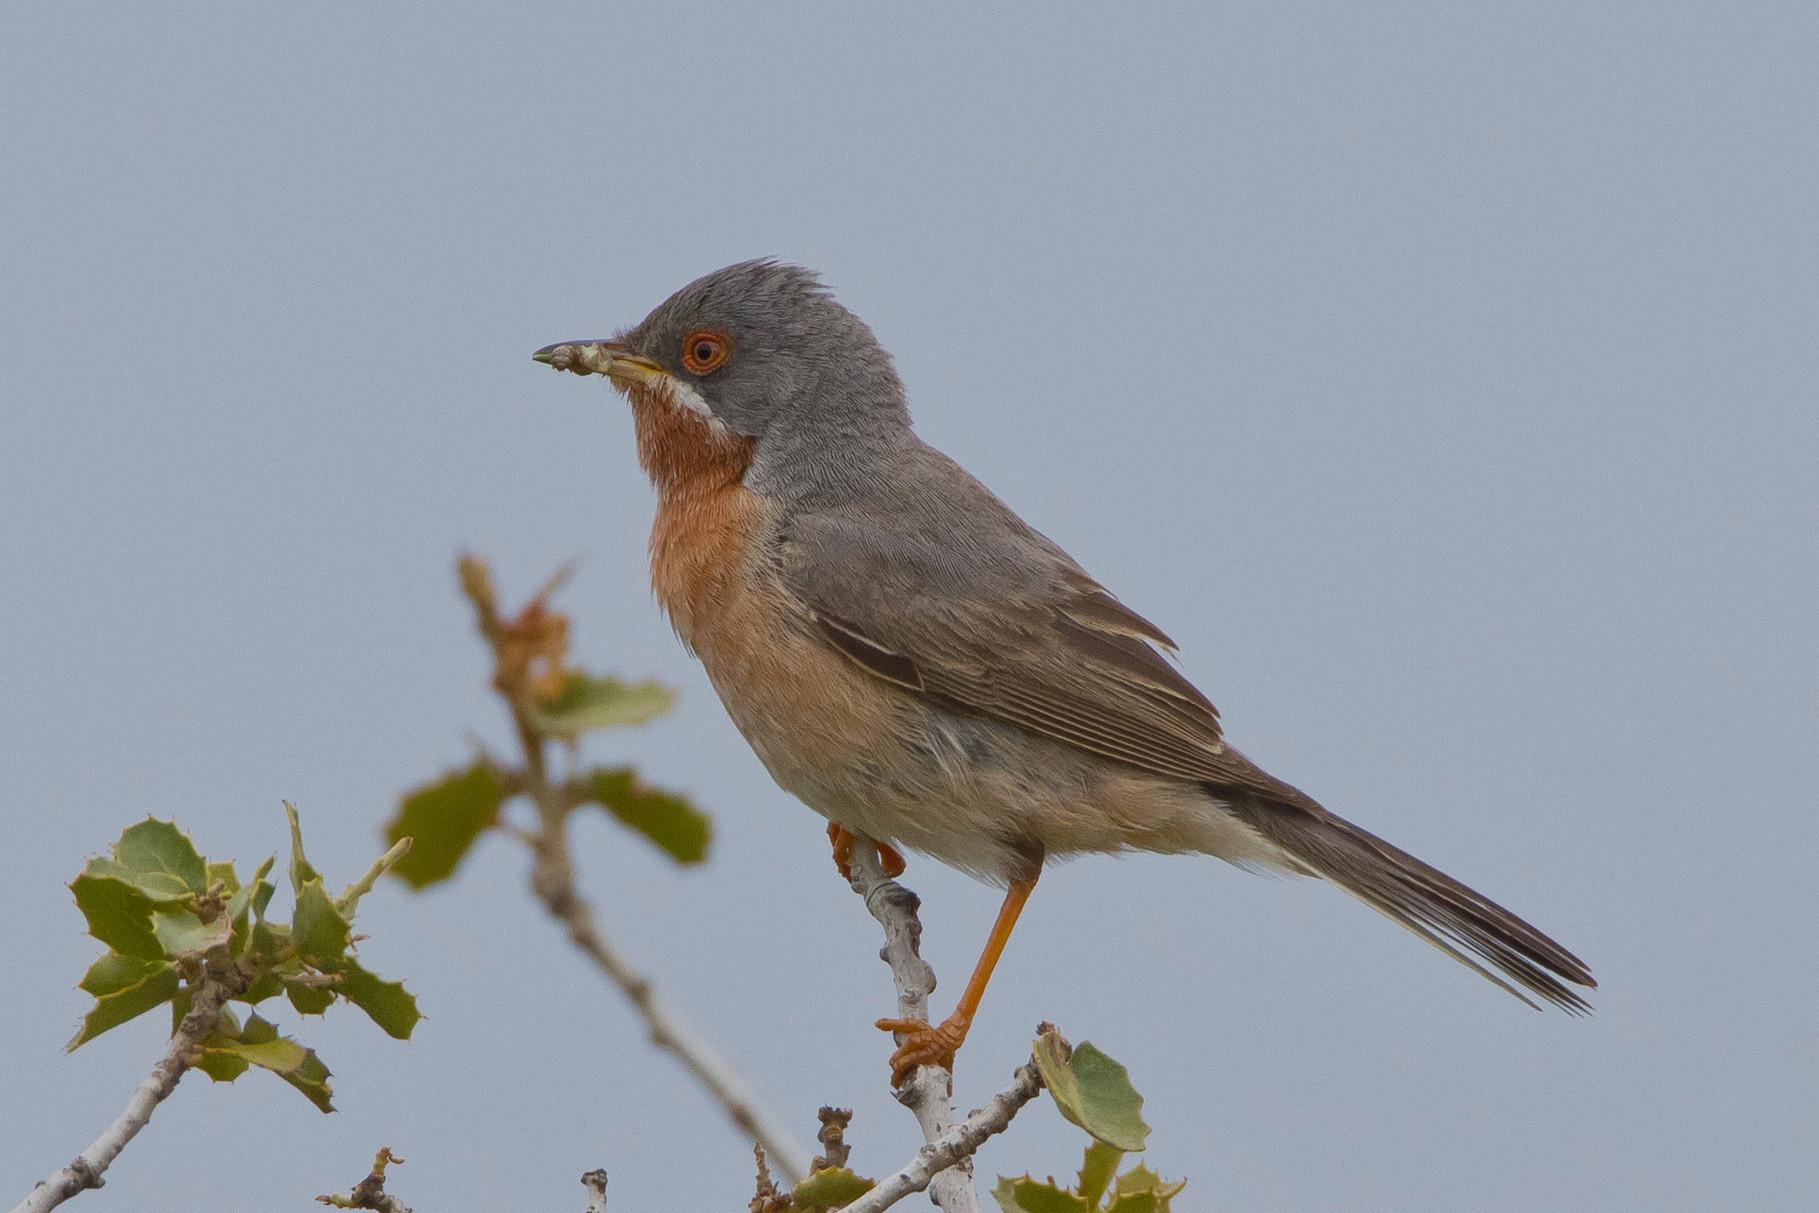 ...trifft man auch auf andere hübsche Vögel, wie die Weissbart-Grasmücke...